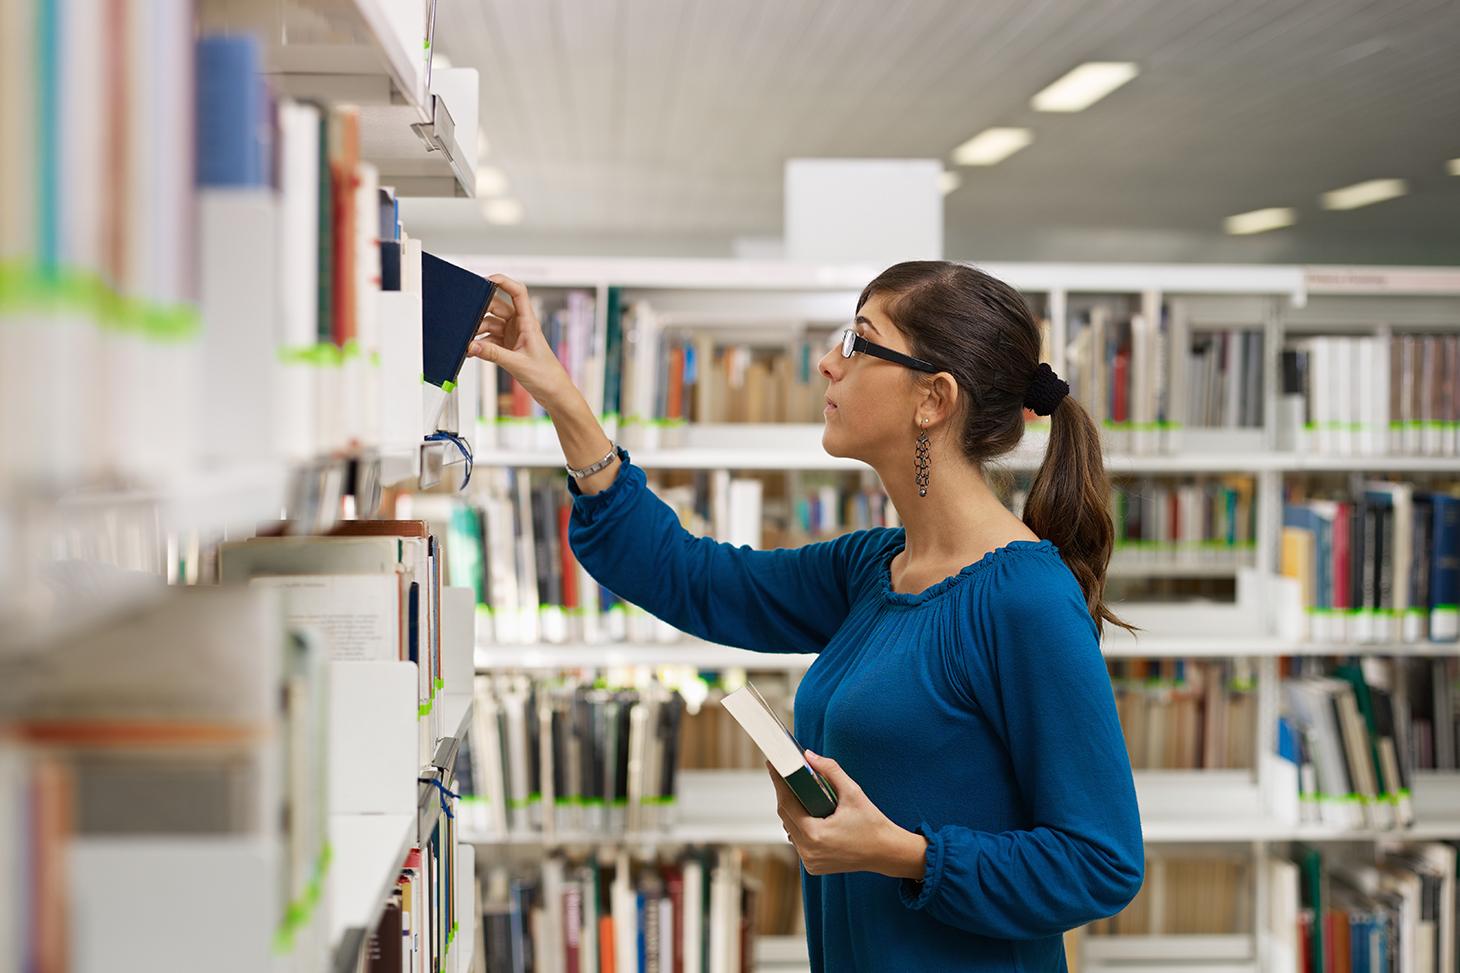 Une étudiante consulte des ouvrages